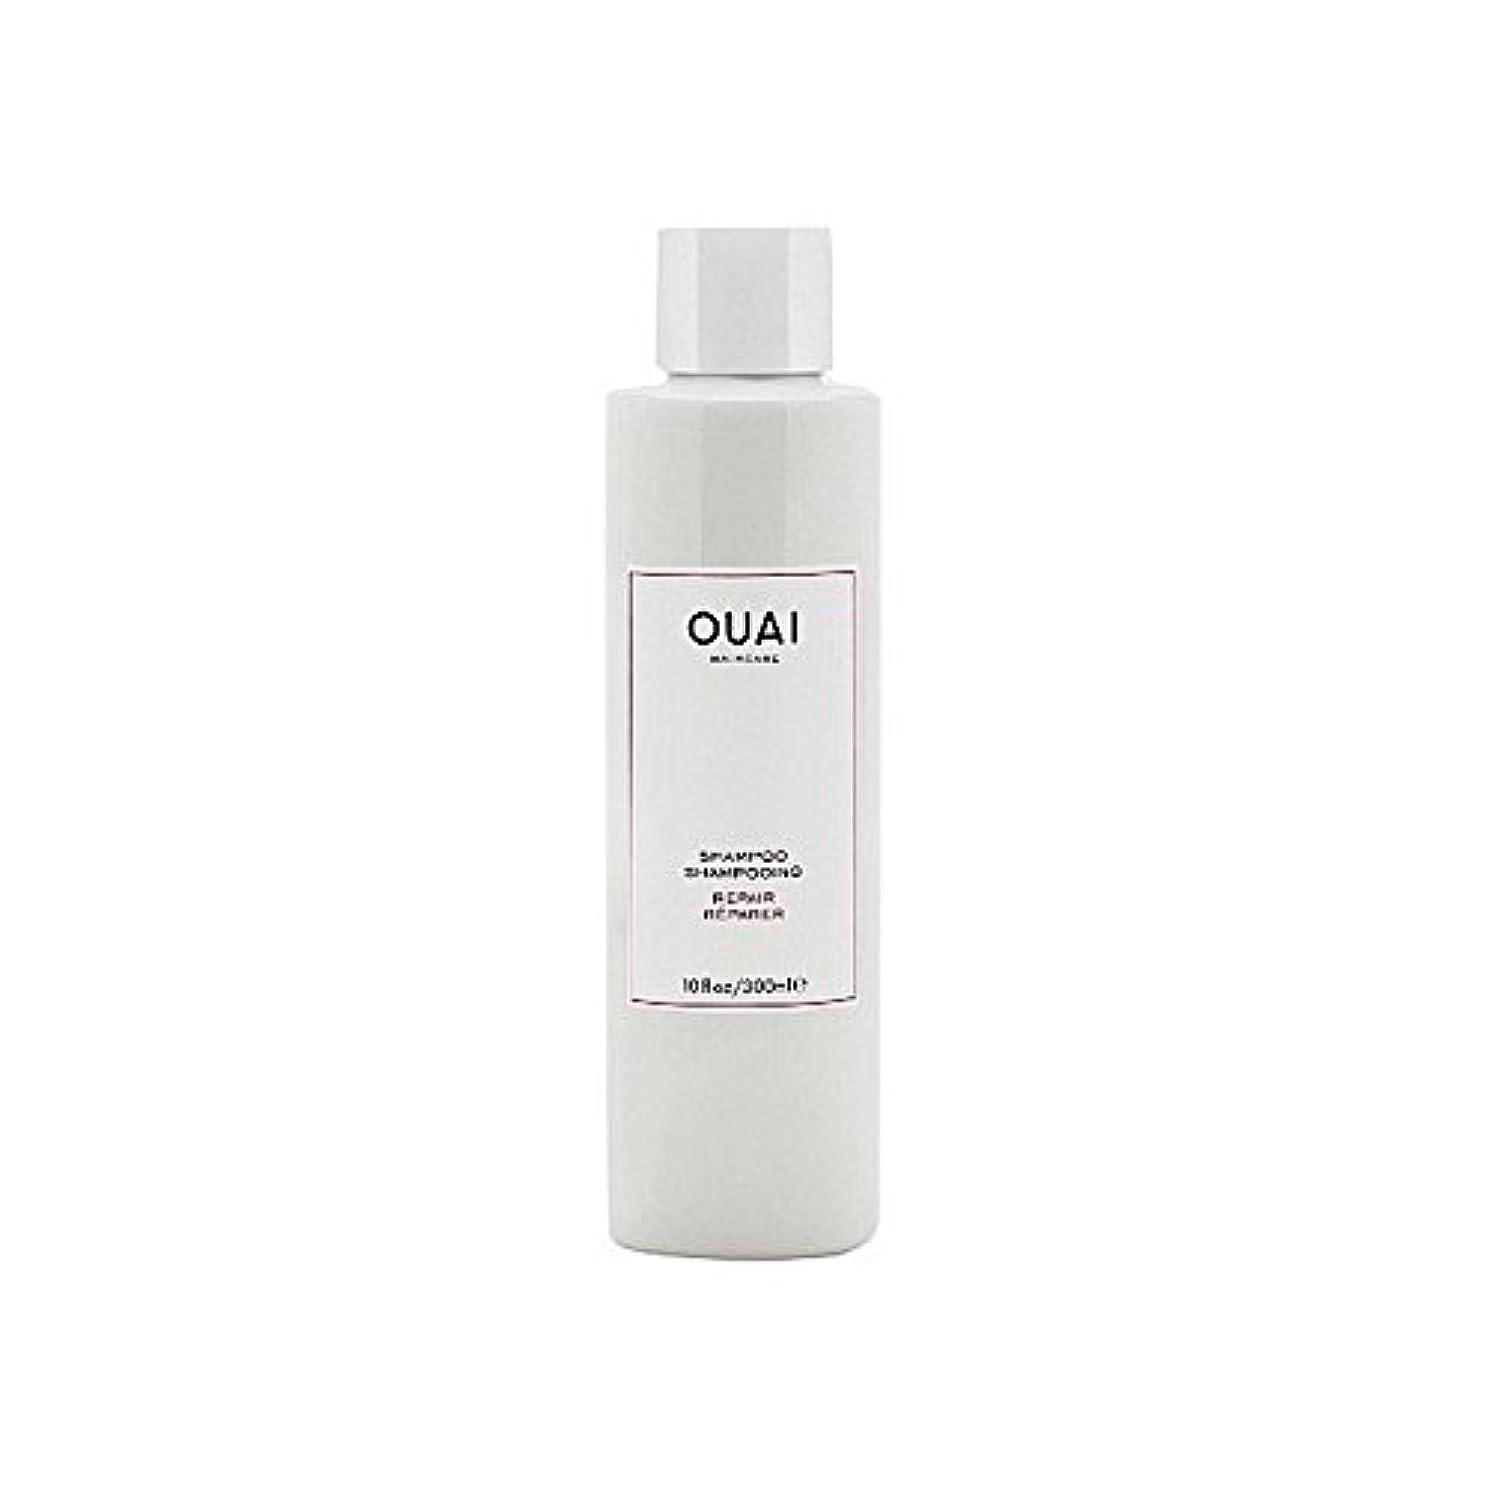 窓定規思い出すリペアシャンプー300ミリリットル x4 - Ouai Repair Shampoo 300ml (Pack of 4) [並行輸入品]